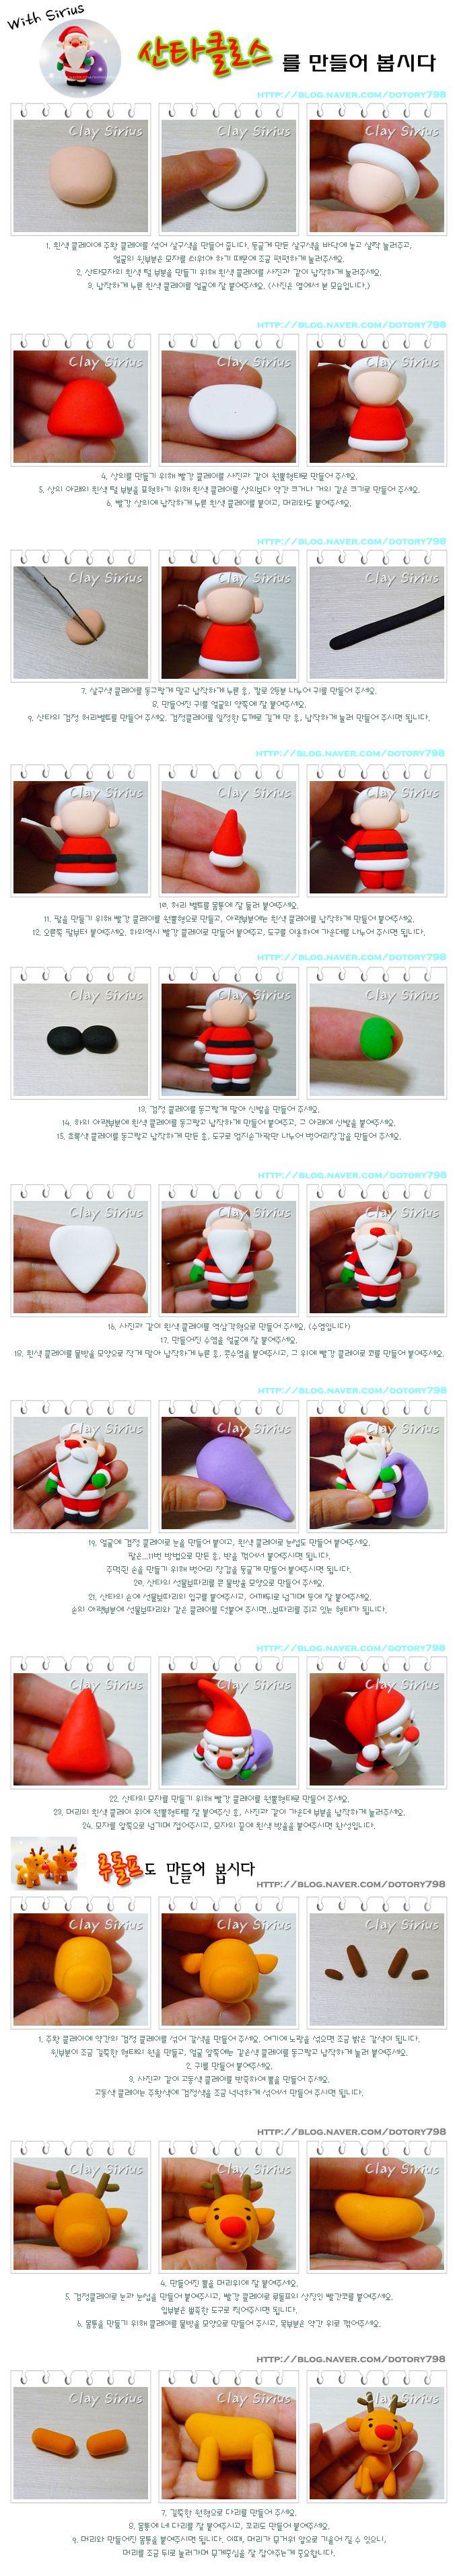 산타클로스와 루돌프 만들기 :: 네이버 블로그